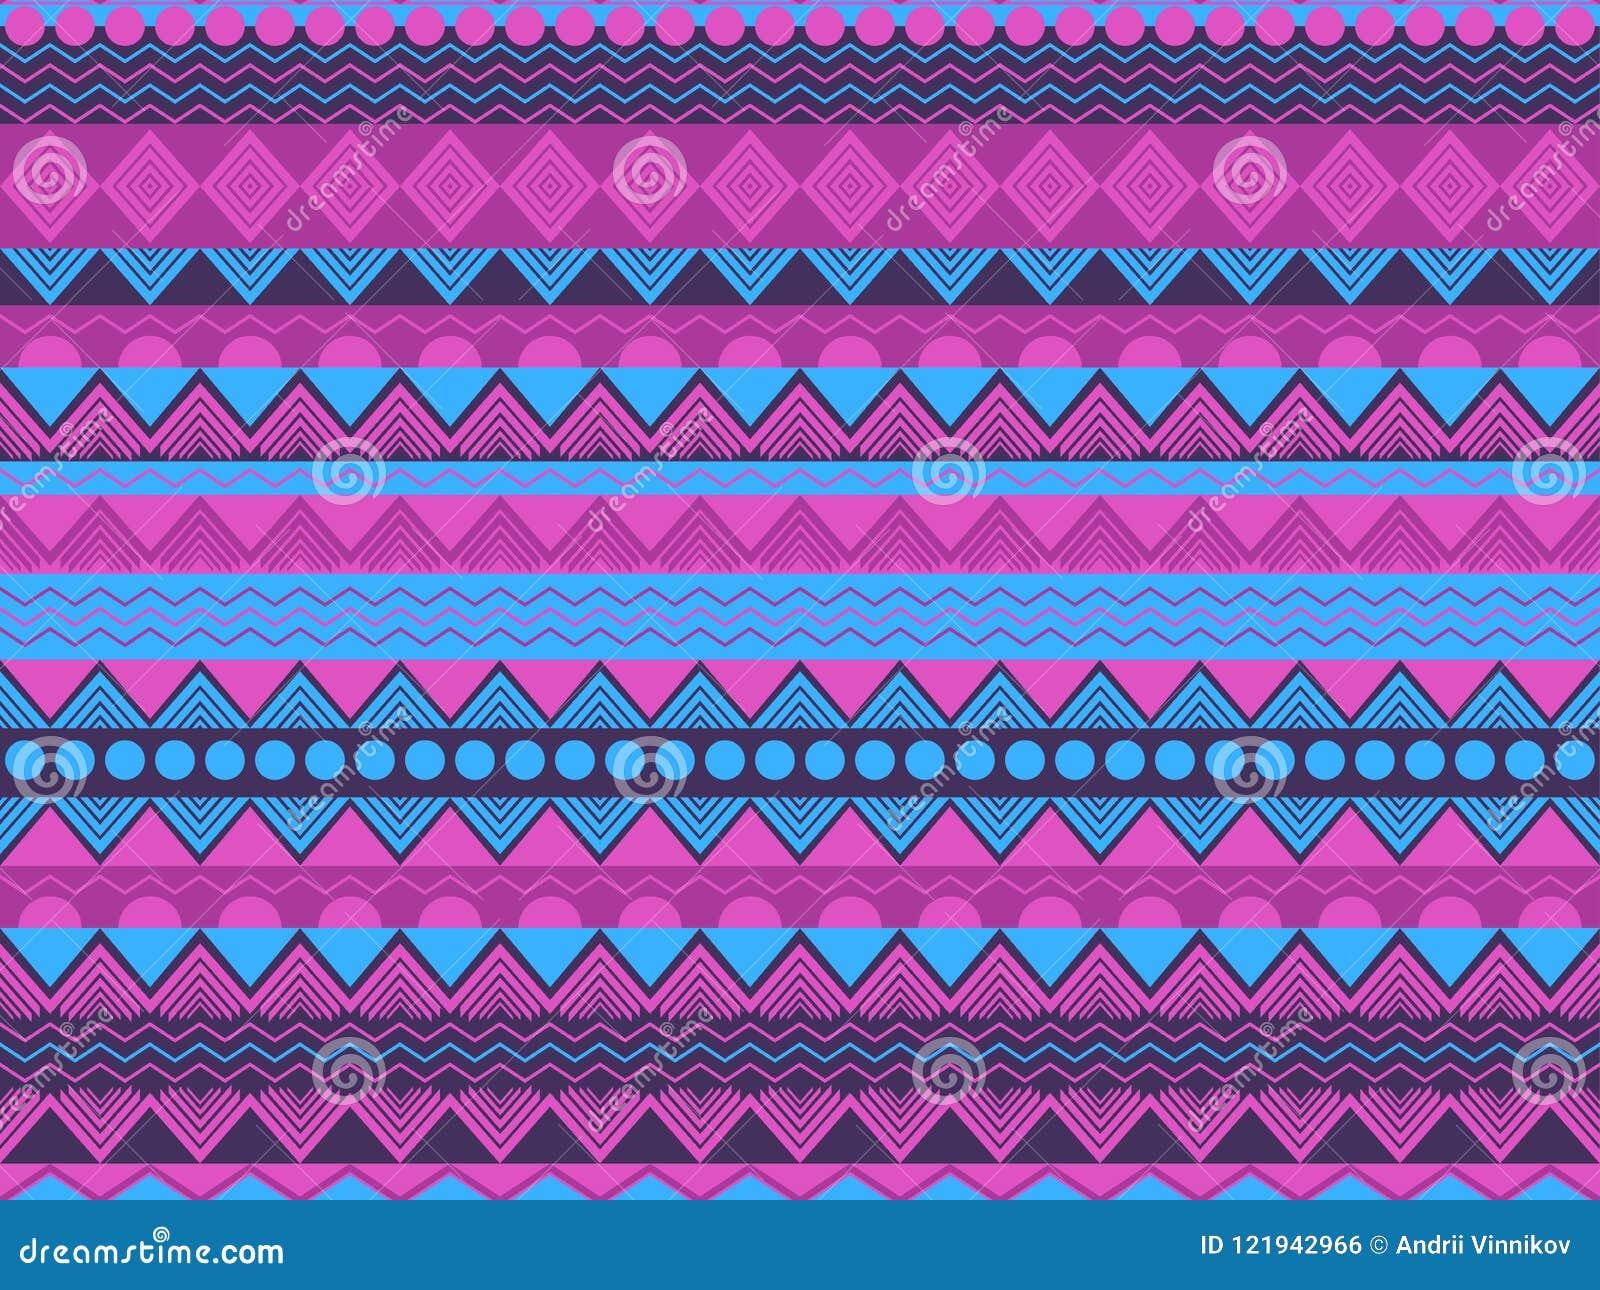 Etnisch naadloos patroon, violette en blauwe kleur Stammentextiel, hippiestijl Voor behang, bedlinnen, tegels, stoffen